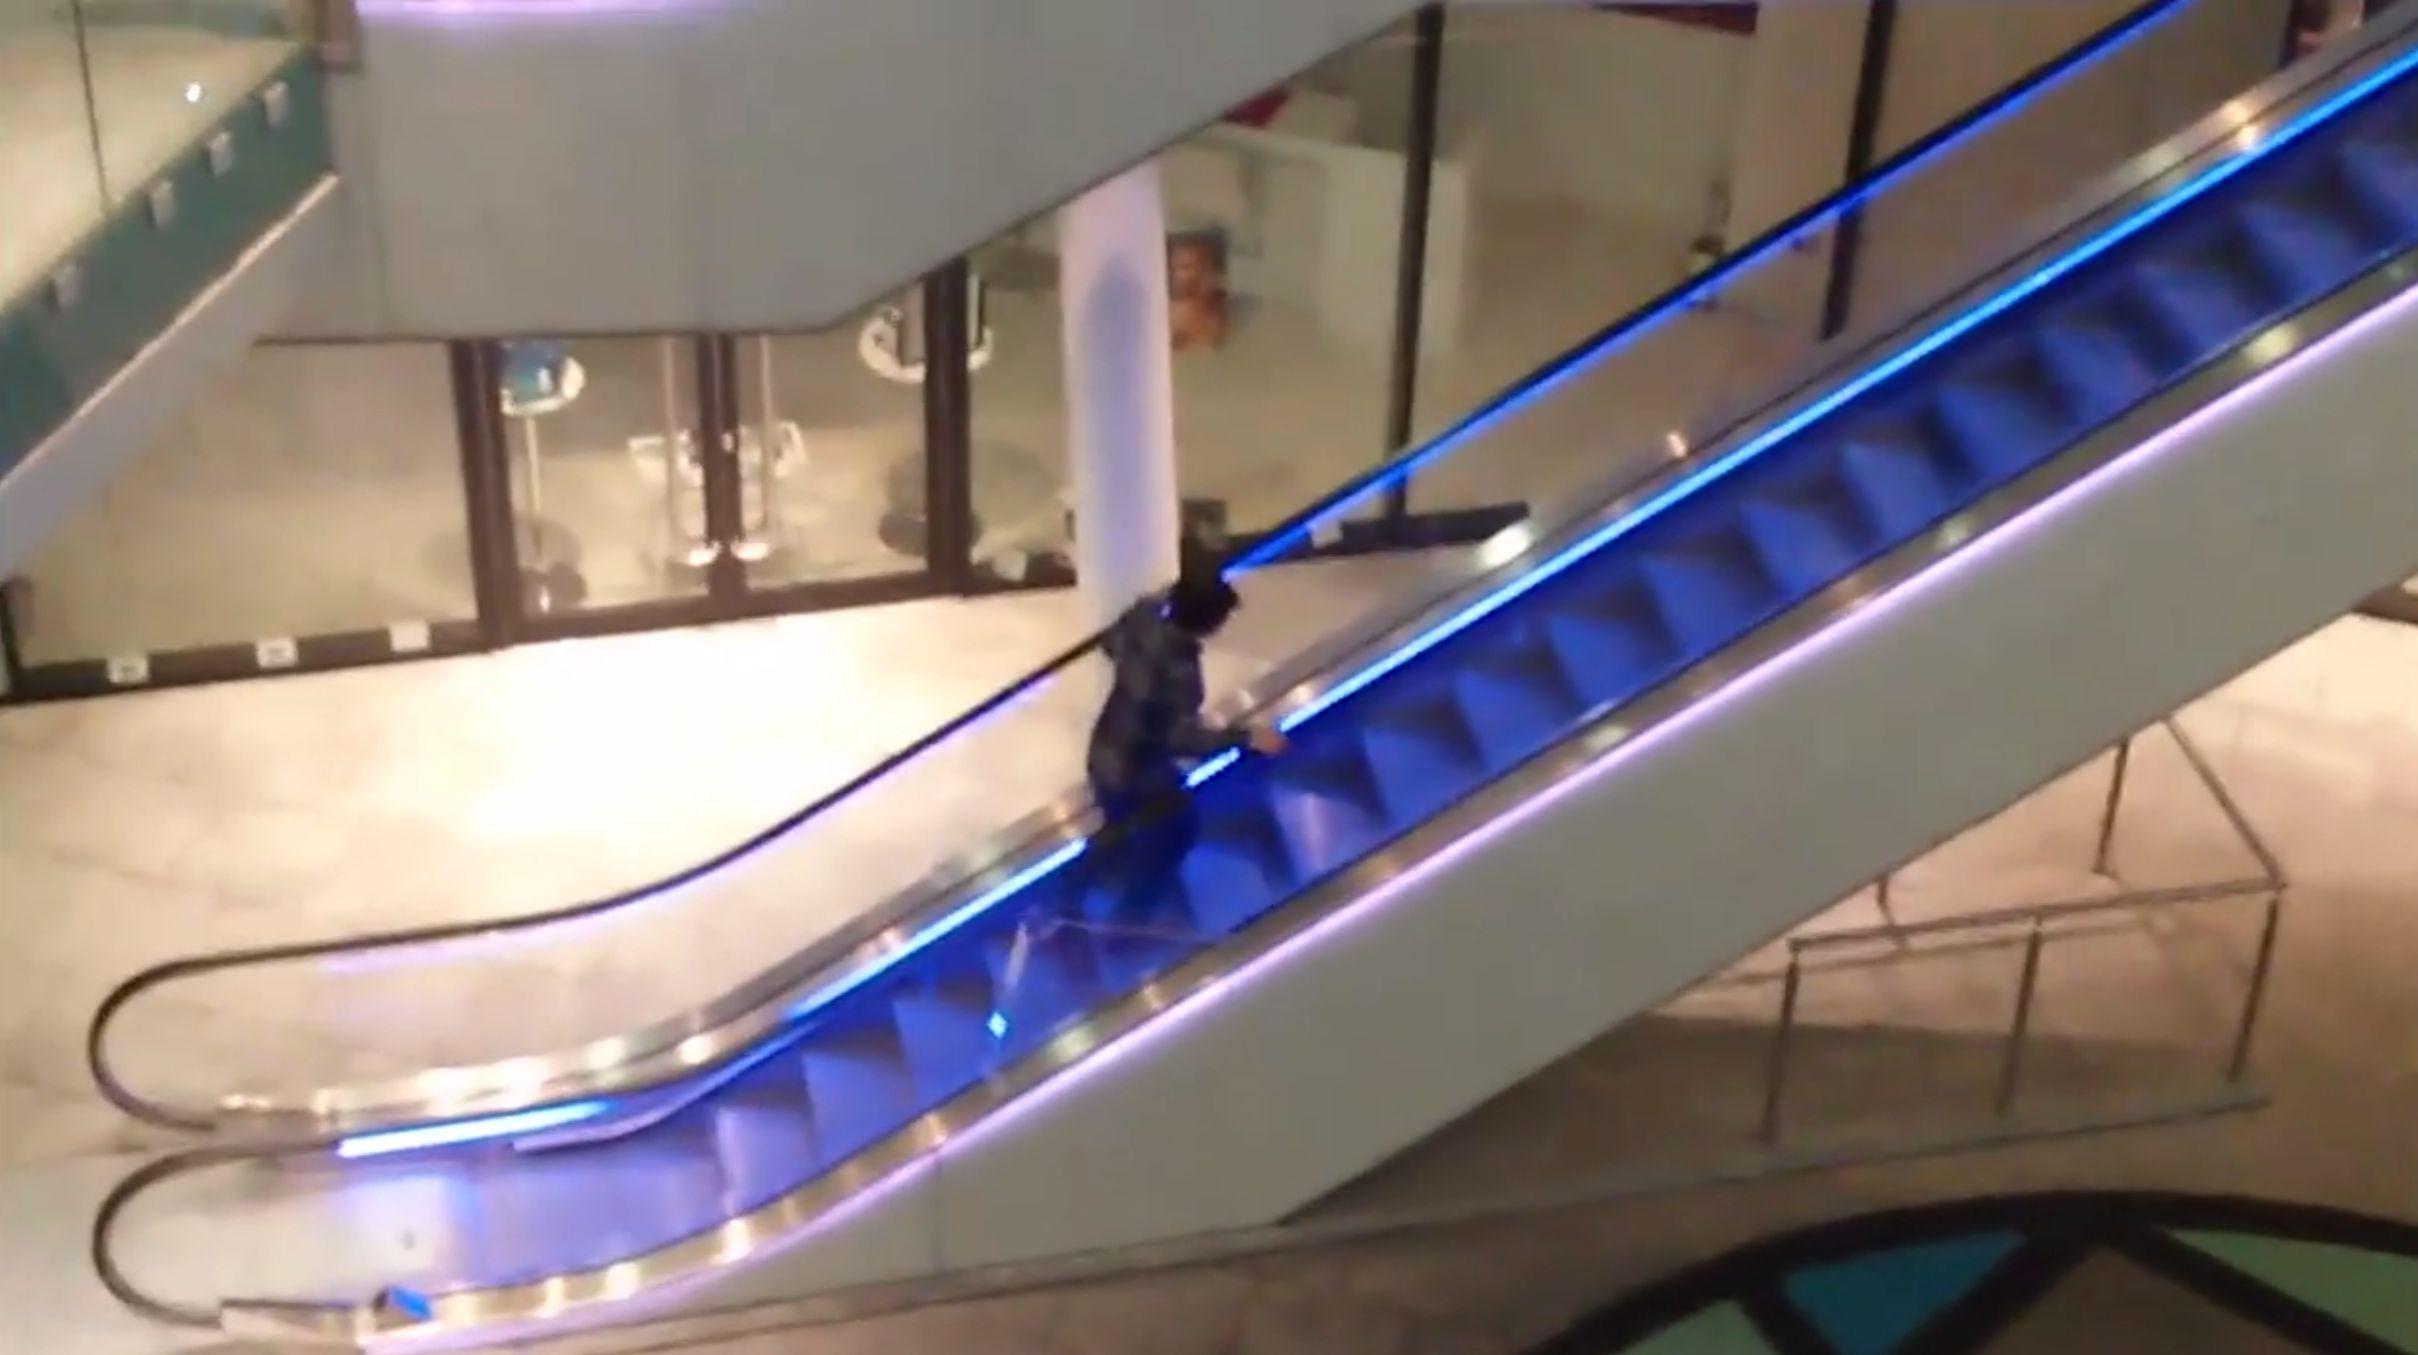 Einfach nur ein Betrunkener, der eine Rolltreppe erklimmen